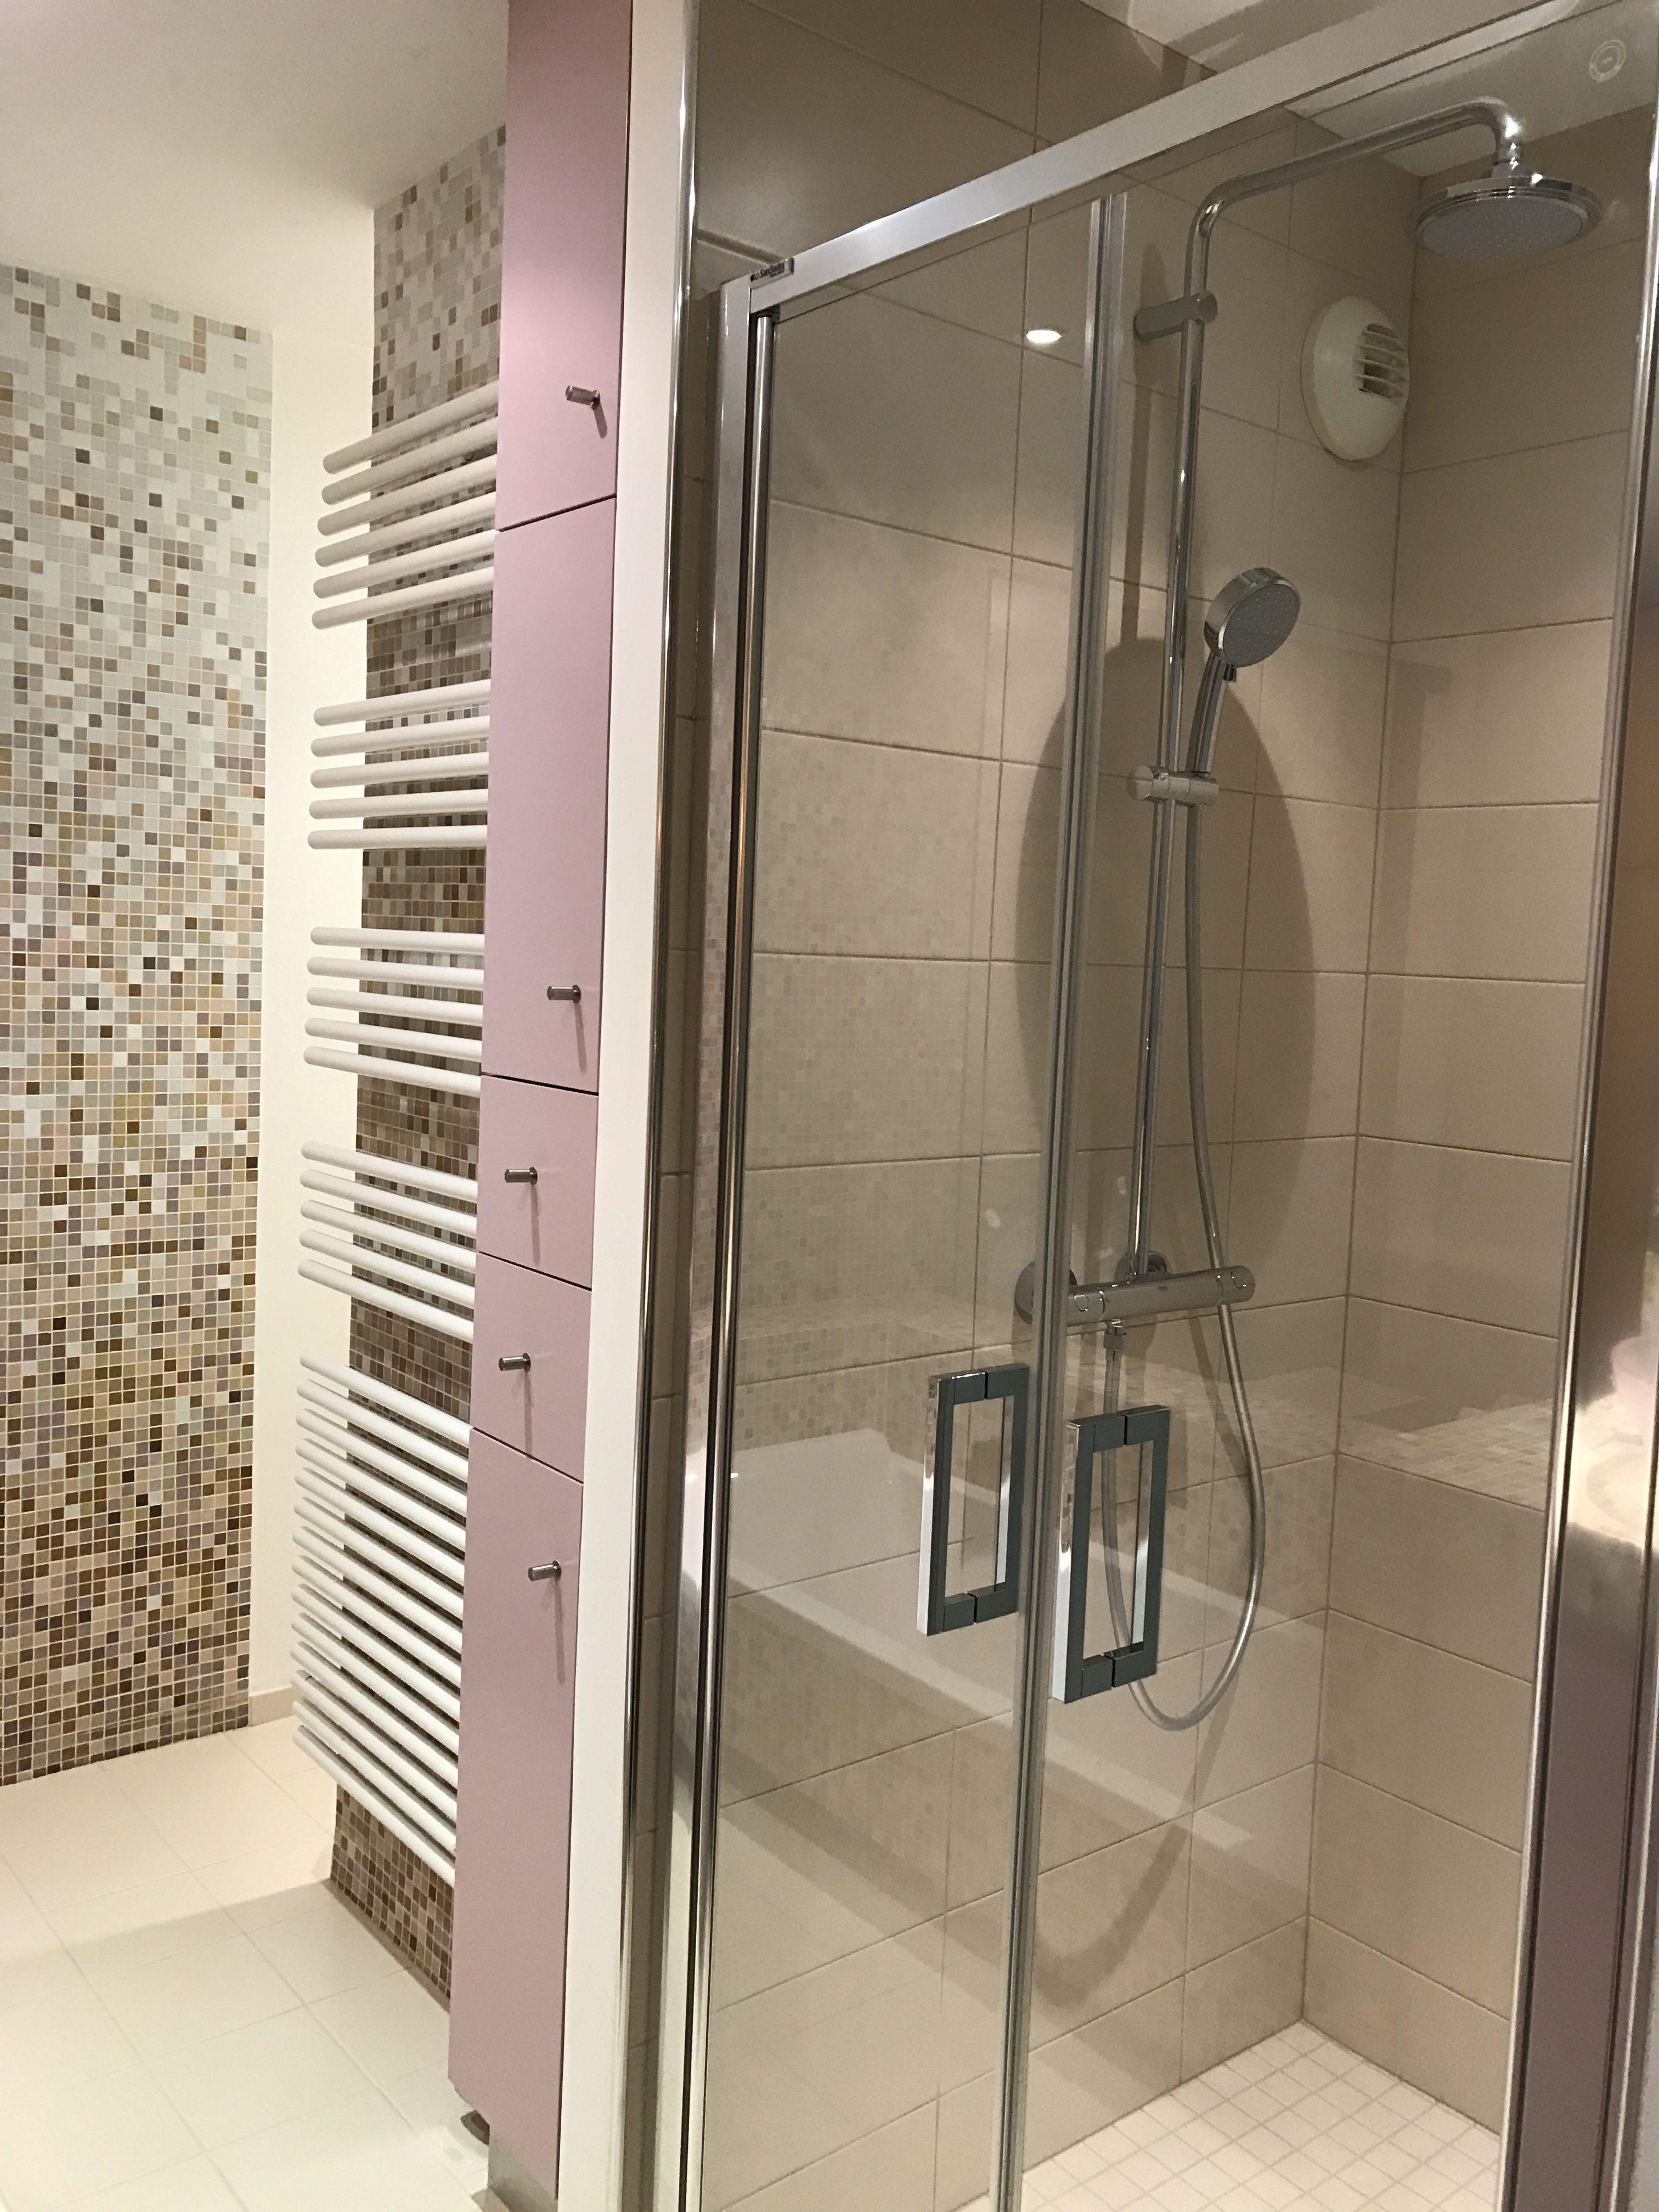 realisations-lcrdp-renovation-orleans-peinture-renovation-decoration-salle-de-bain-2